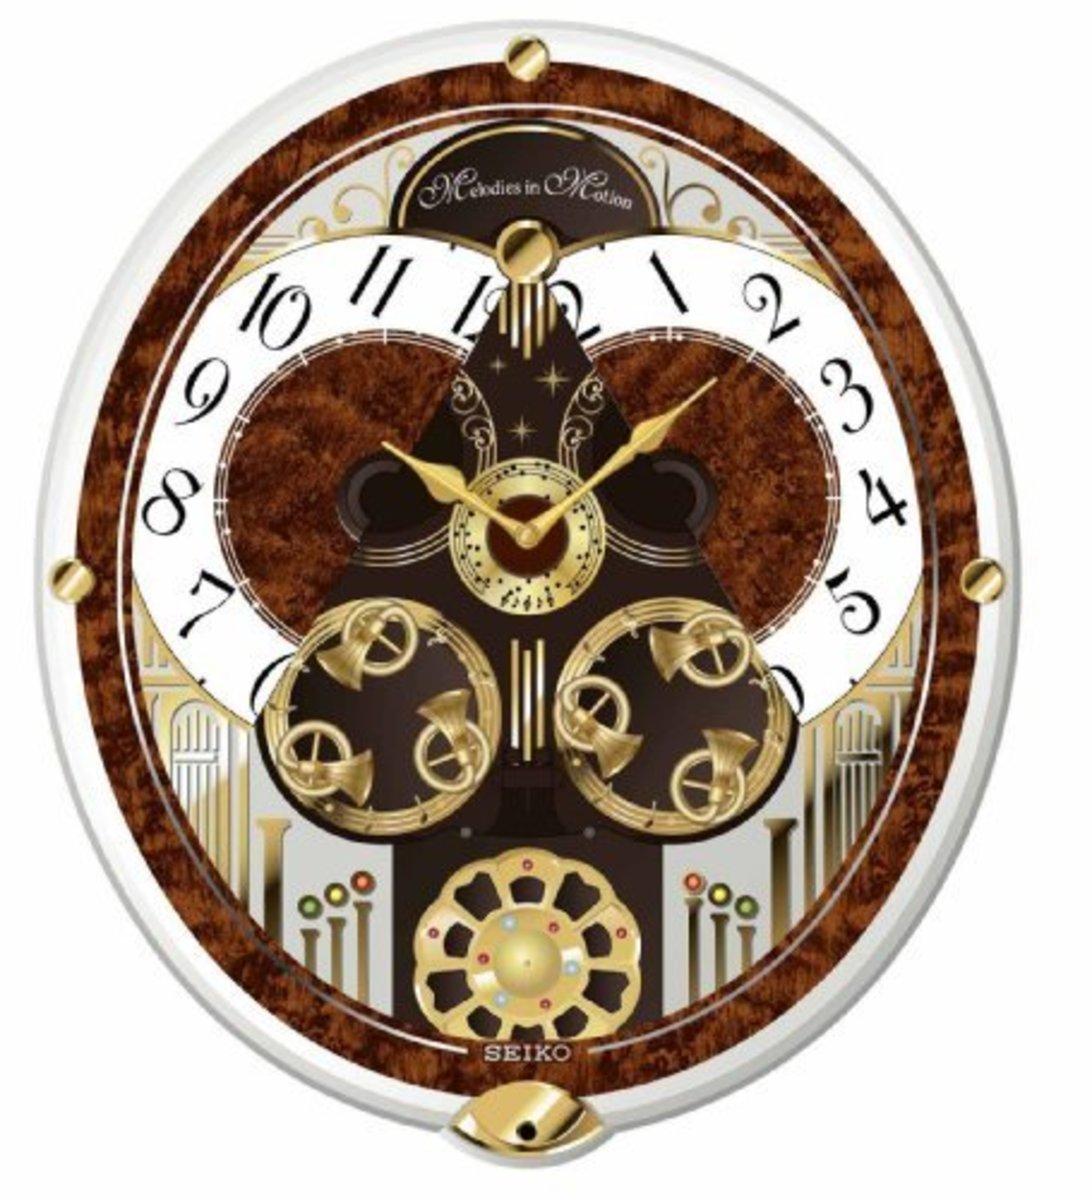 Seiko Melodies In Motion Swarovski Crystallized Clock